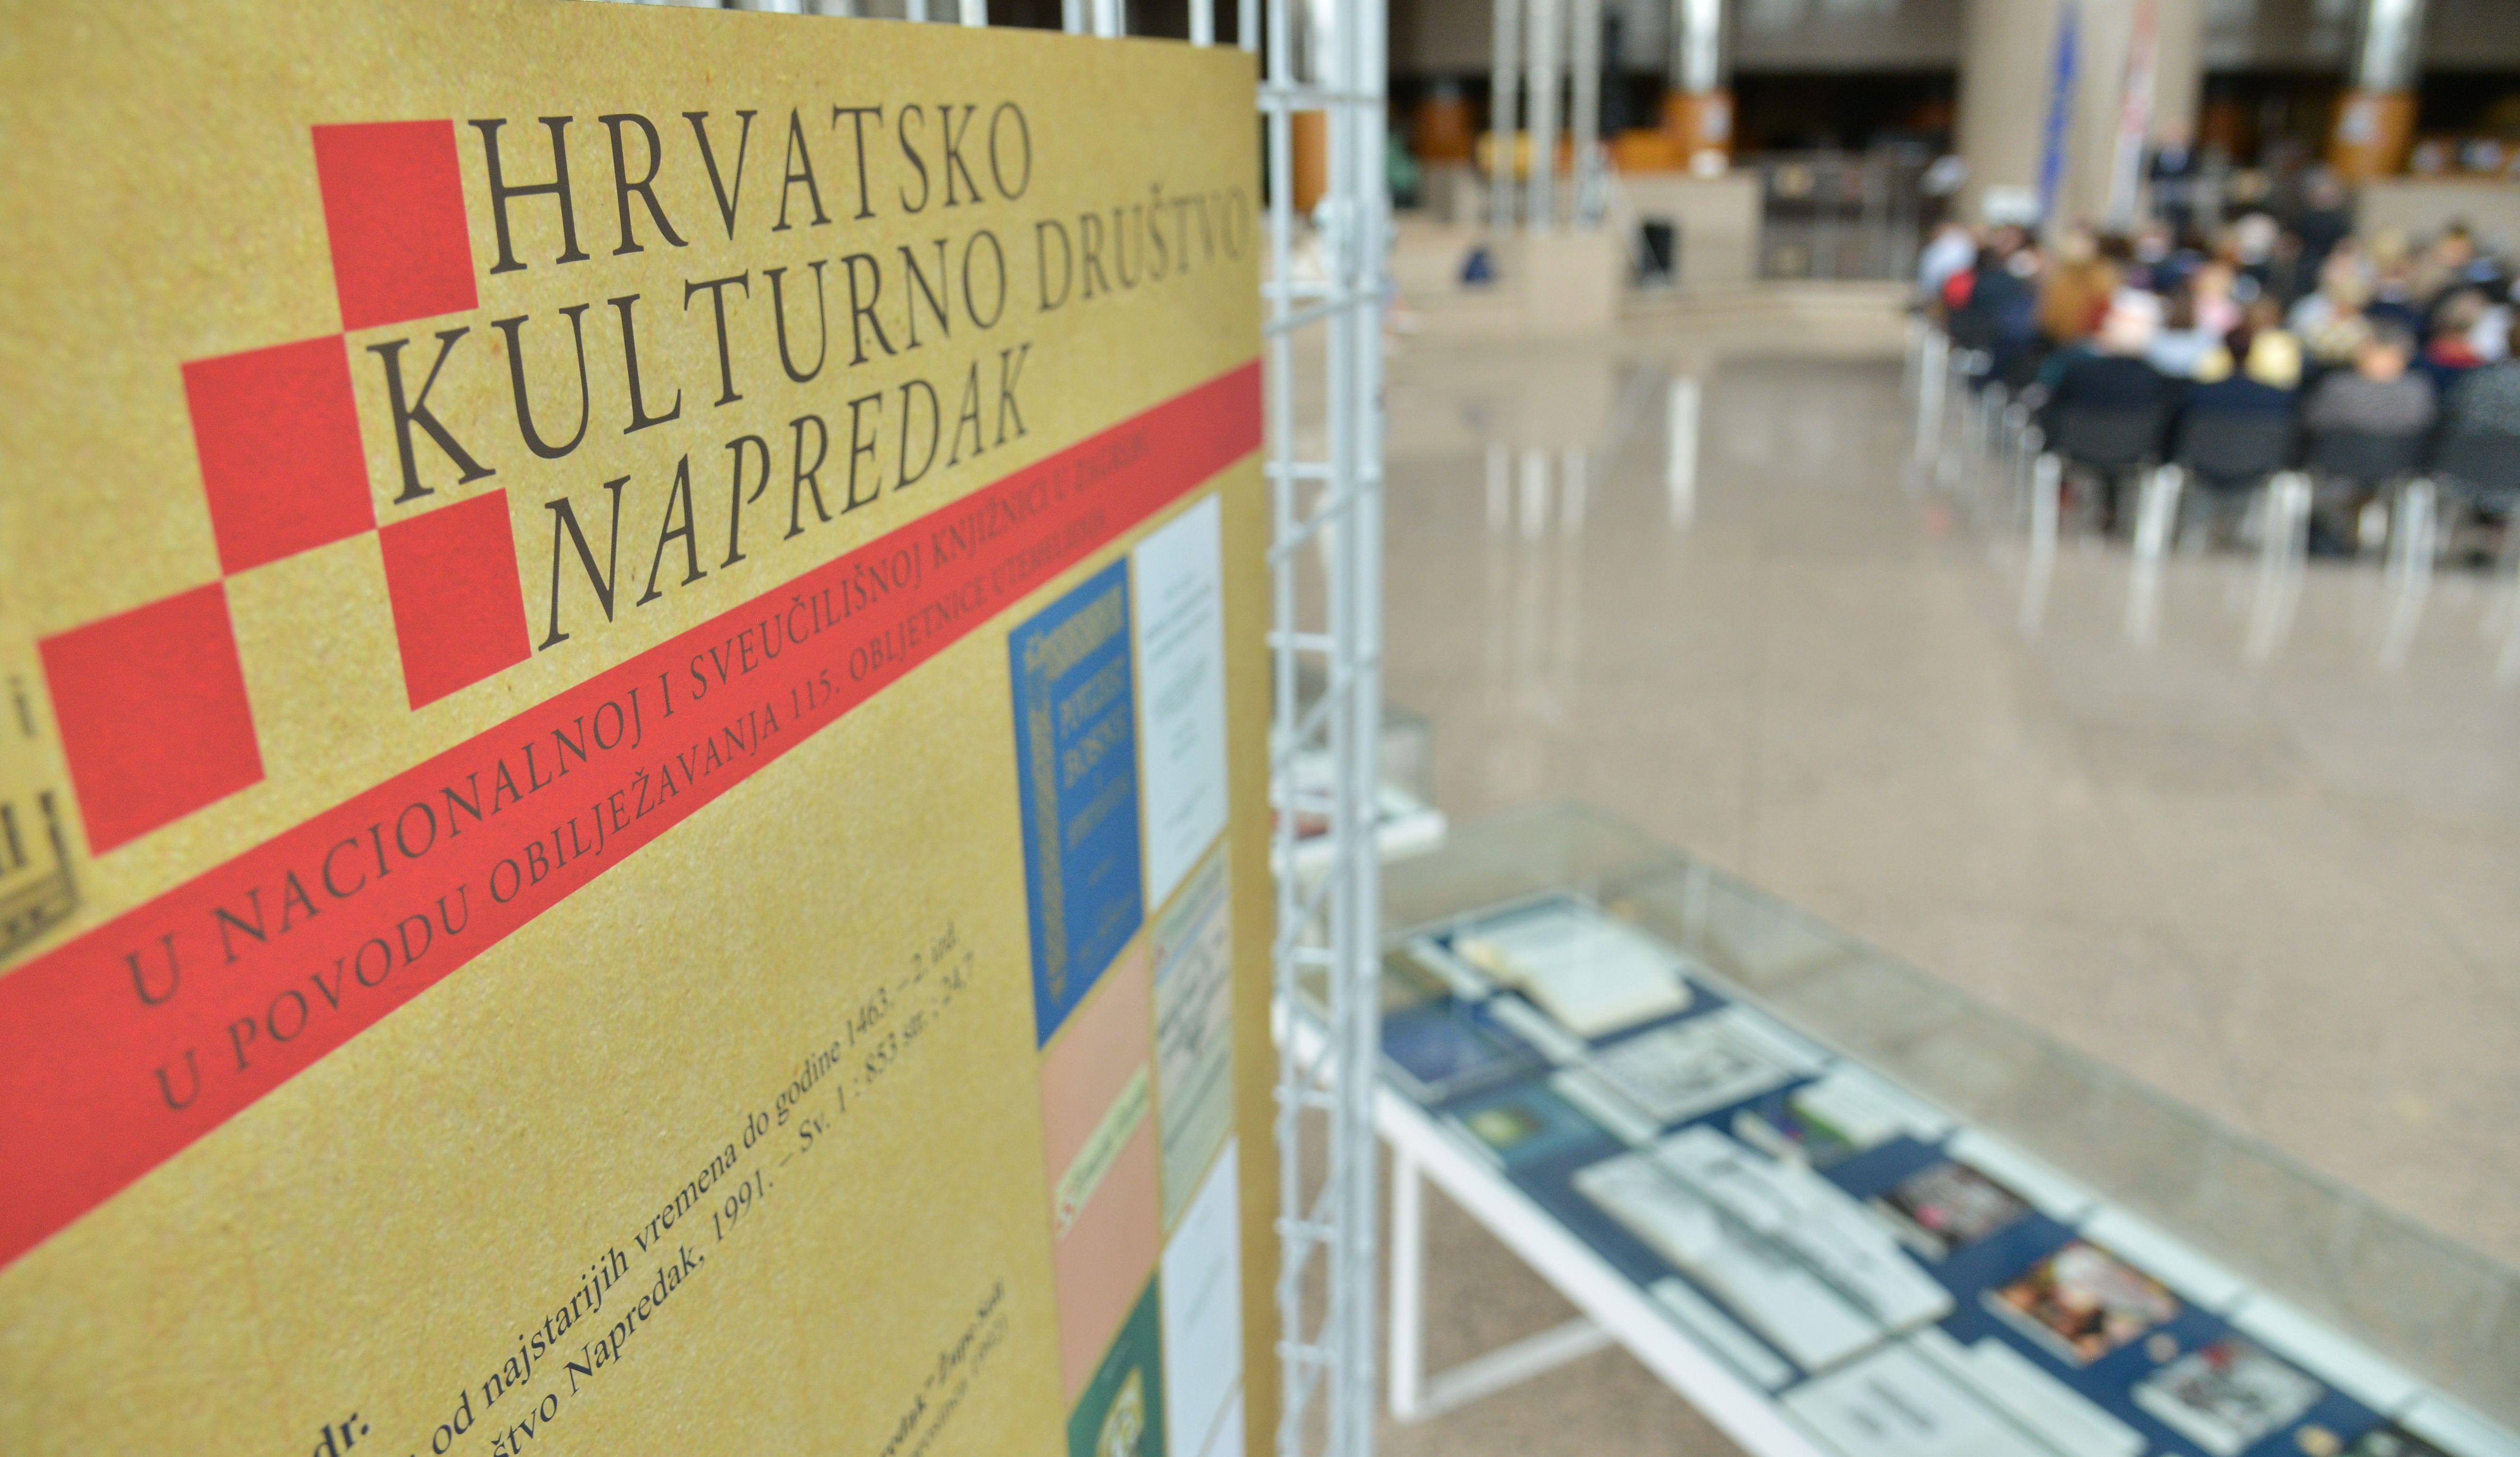 U NSK otvorena izložba HKD 'Napredak' 1990.-2015.